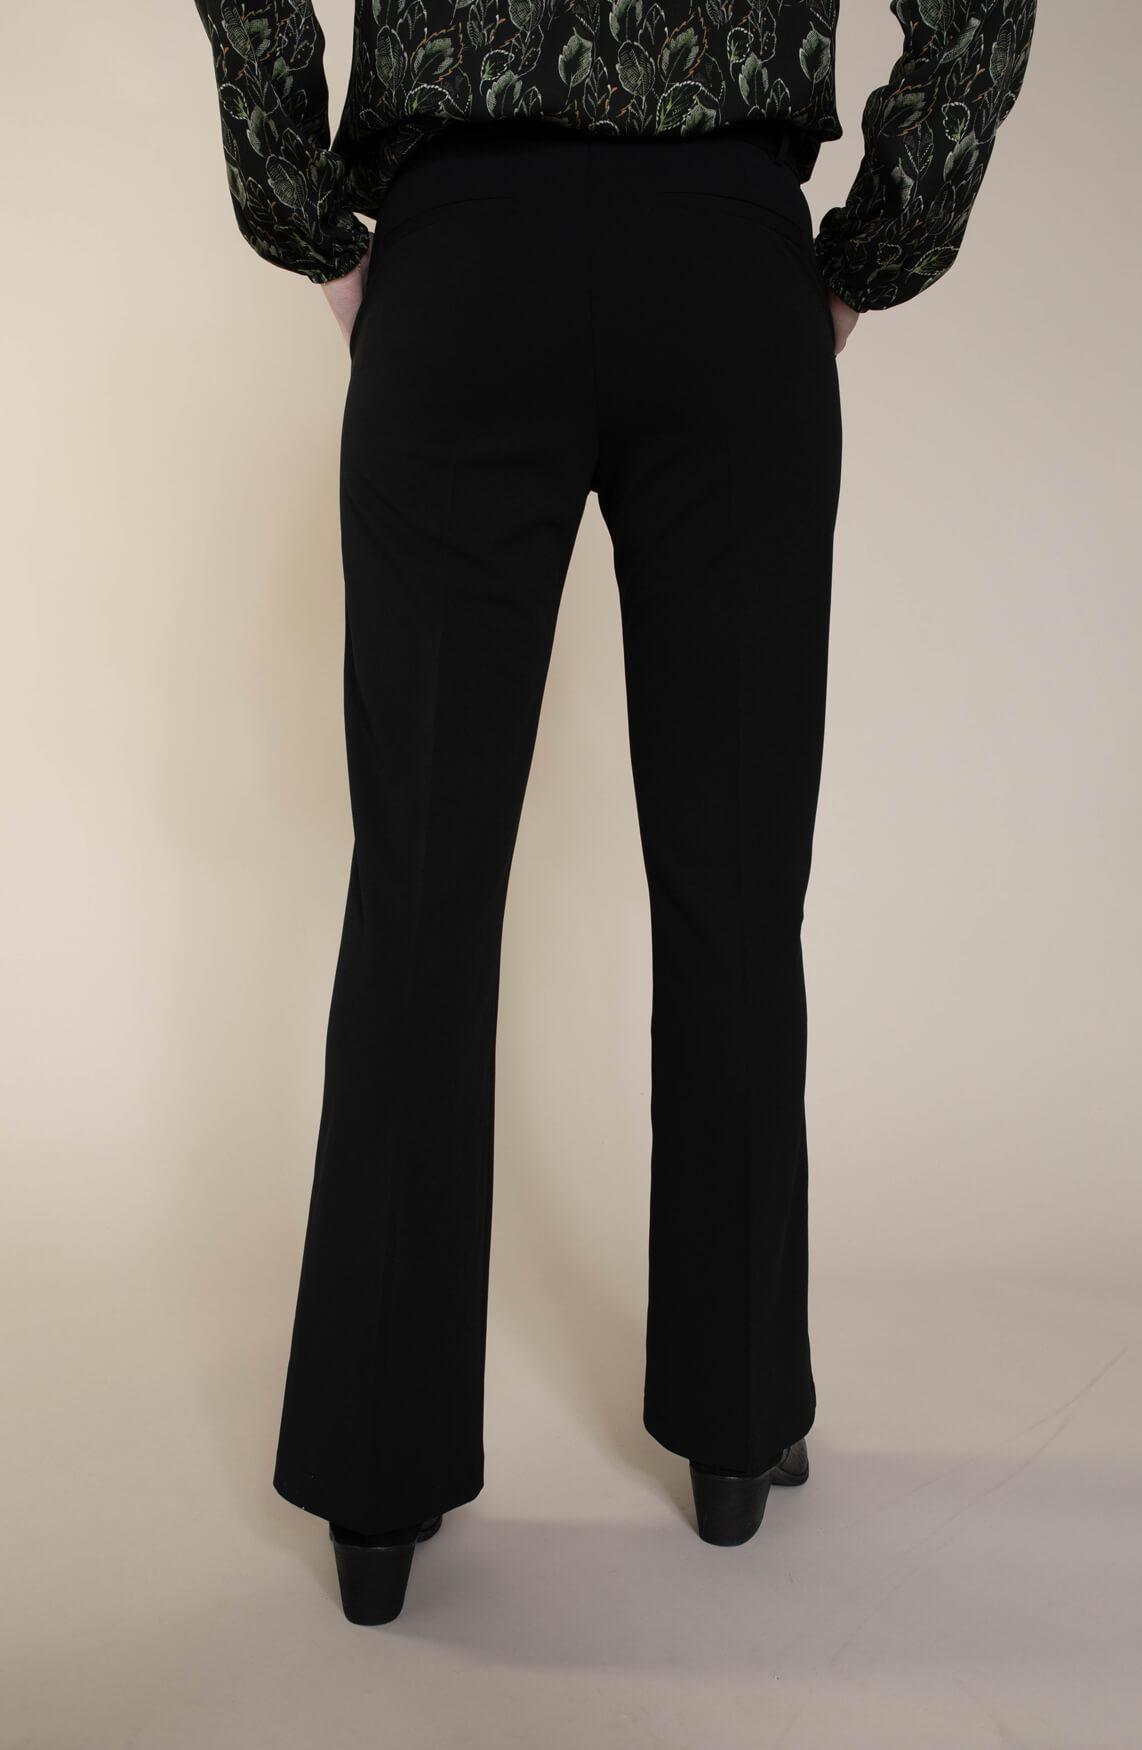 Geisha Dames Flared pantalon zwart